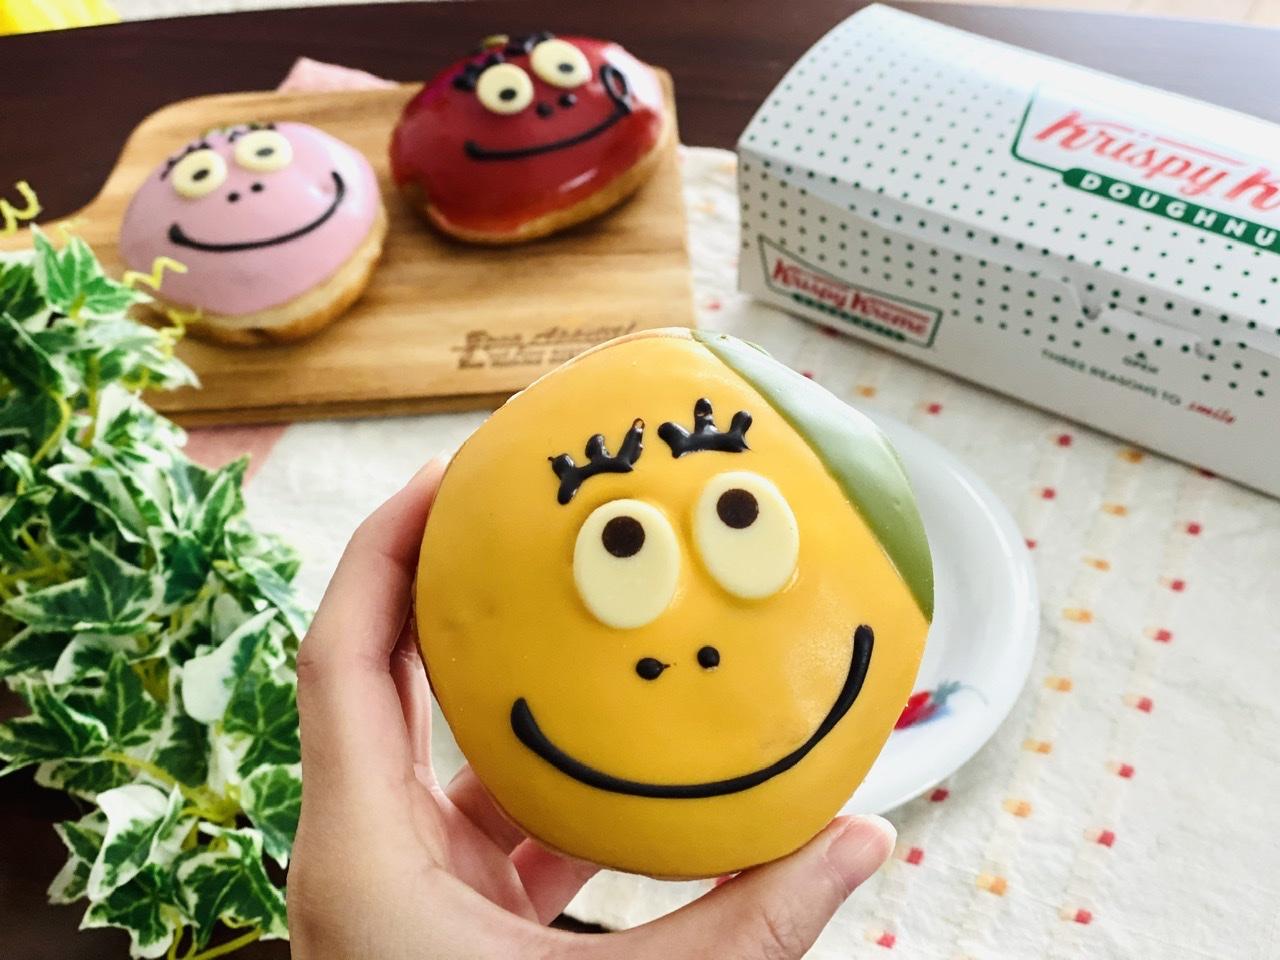 『クリスピー・クリーム・ドーナツ』のバーバパパコラボが可愛すぎて食べられない!? コンビニスイーツも気になる♪【今週のモアハピ部人気ランキング】_3_3